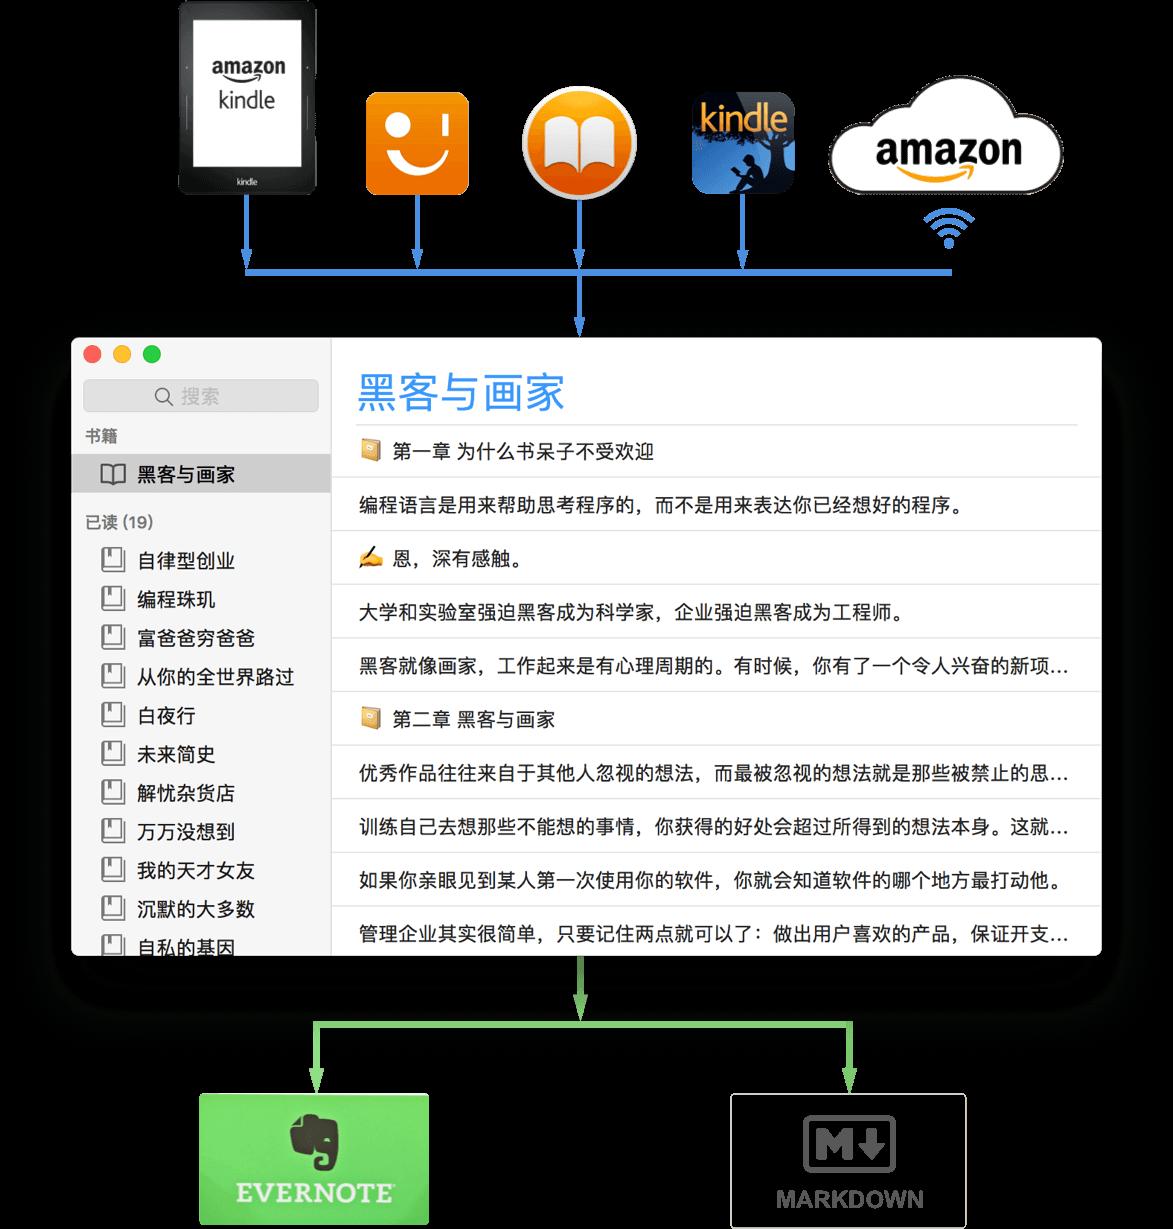 Klib 可以通过 USB 从 Kindle 导入标注、笔记,通过网络从亚马逊导入标注、笔记,导入 Kindle for iPhone 等客户端中的标注、笔记,可以导入多看系统中的标注、笔记。